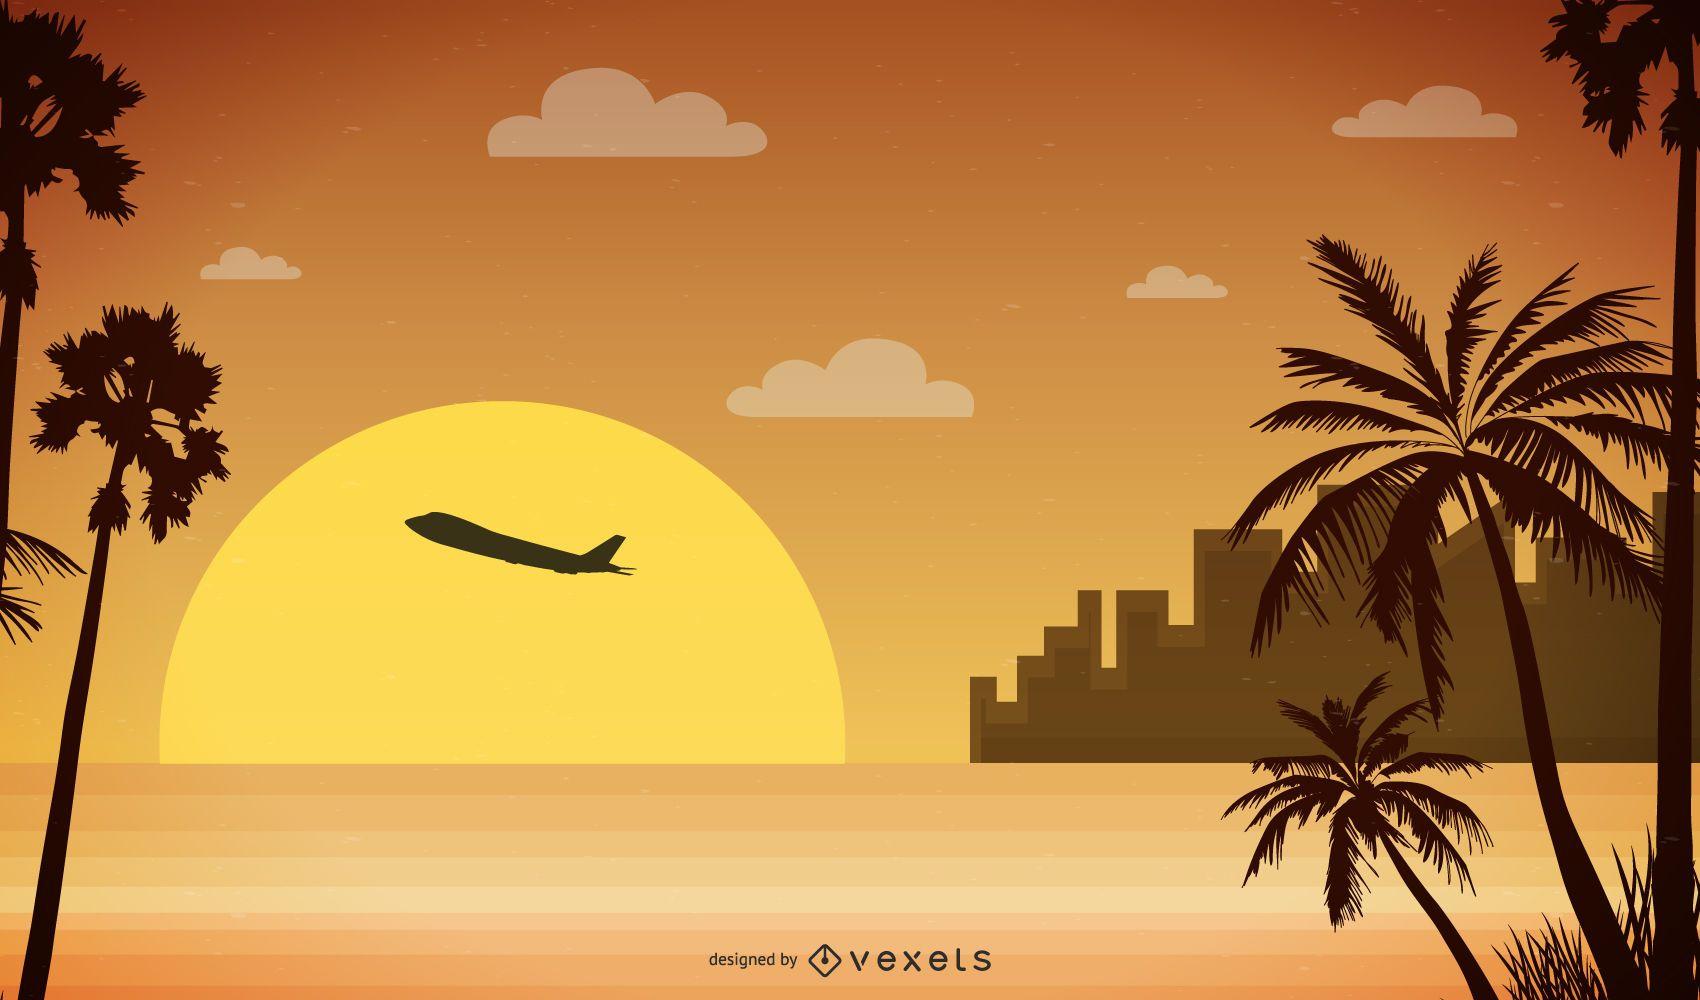 sunset landscape illustration design